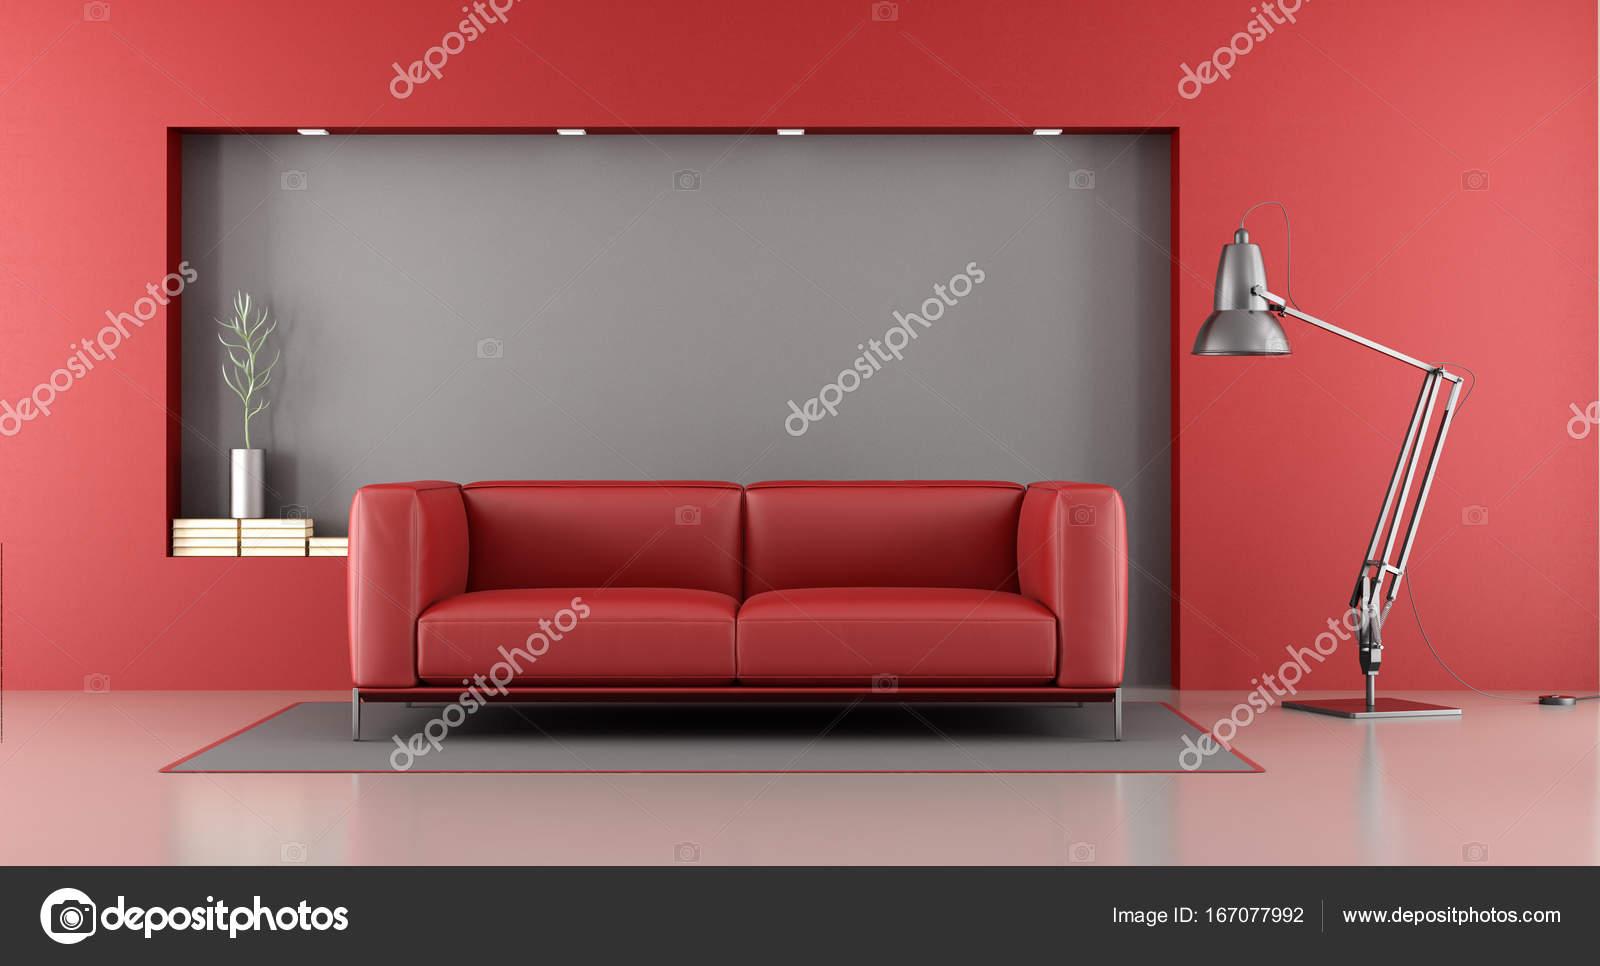 Divano Rosso E Grigio : Dettaglio del tappeto rosso e grigio divano foto immagine stock